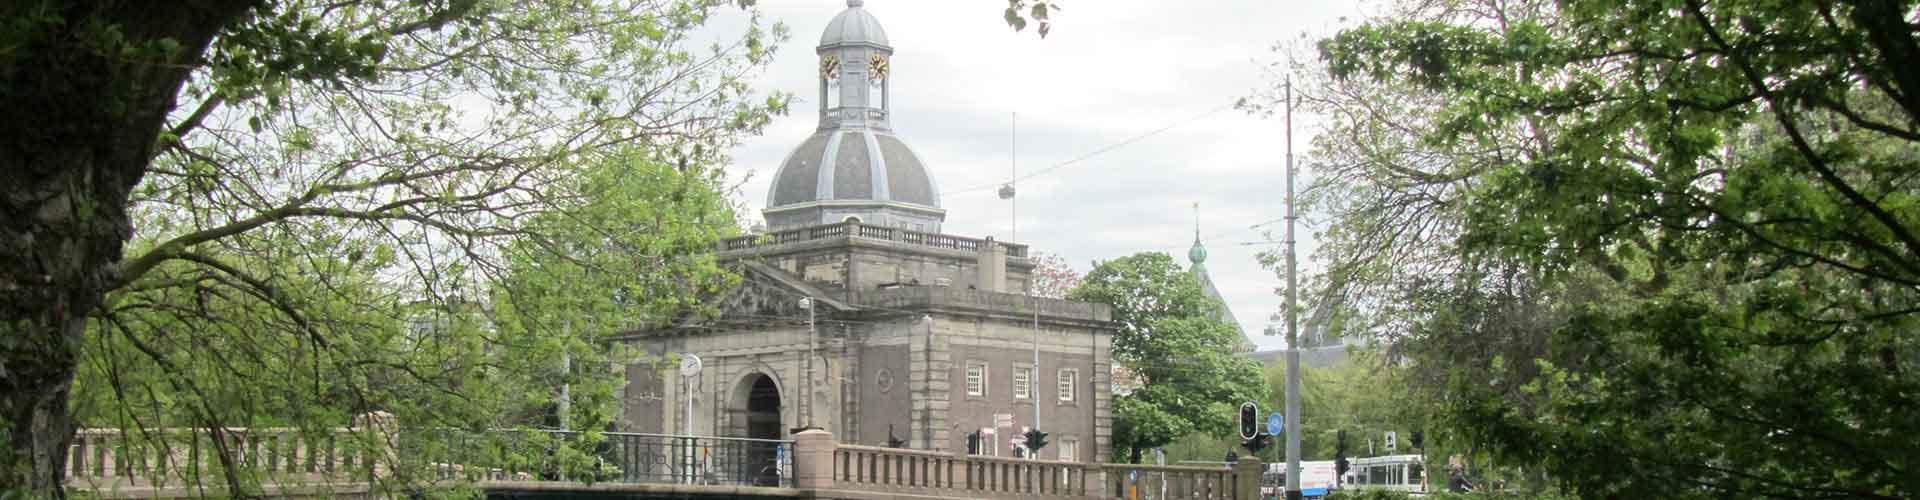 Amsterdam - Hostels nahe Muiderpoort. Amsterdam auf der Karte. Fotos und Bewertungen für jedes Hostel in Amsterdam.